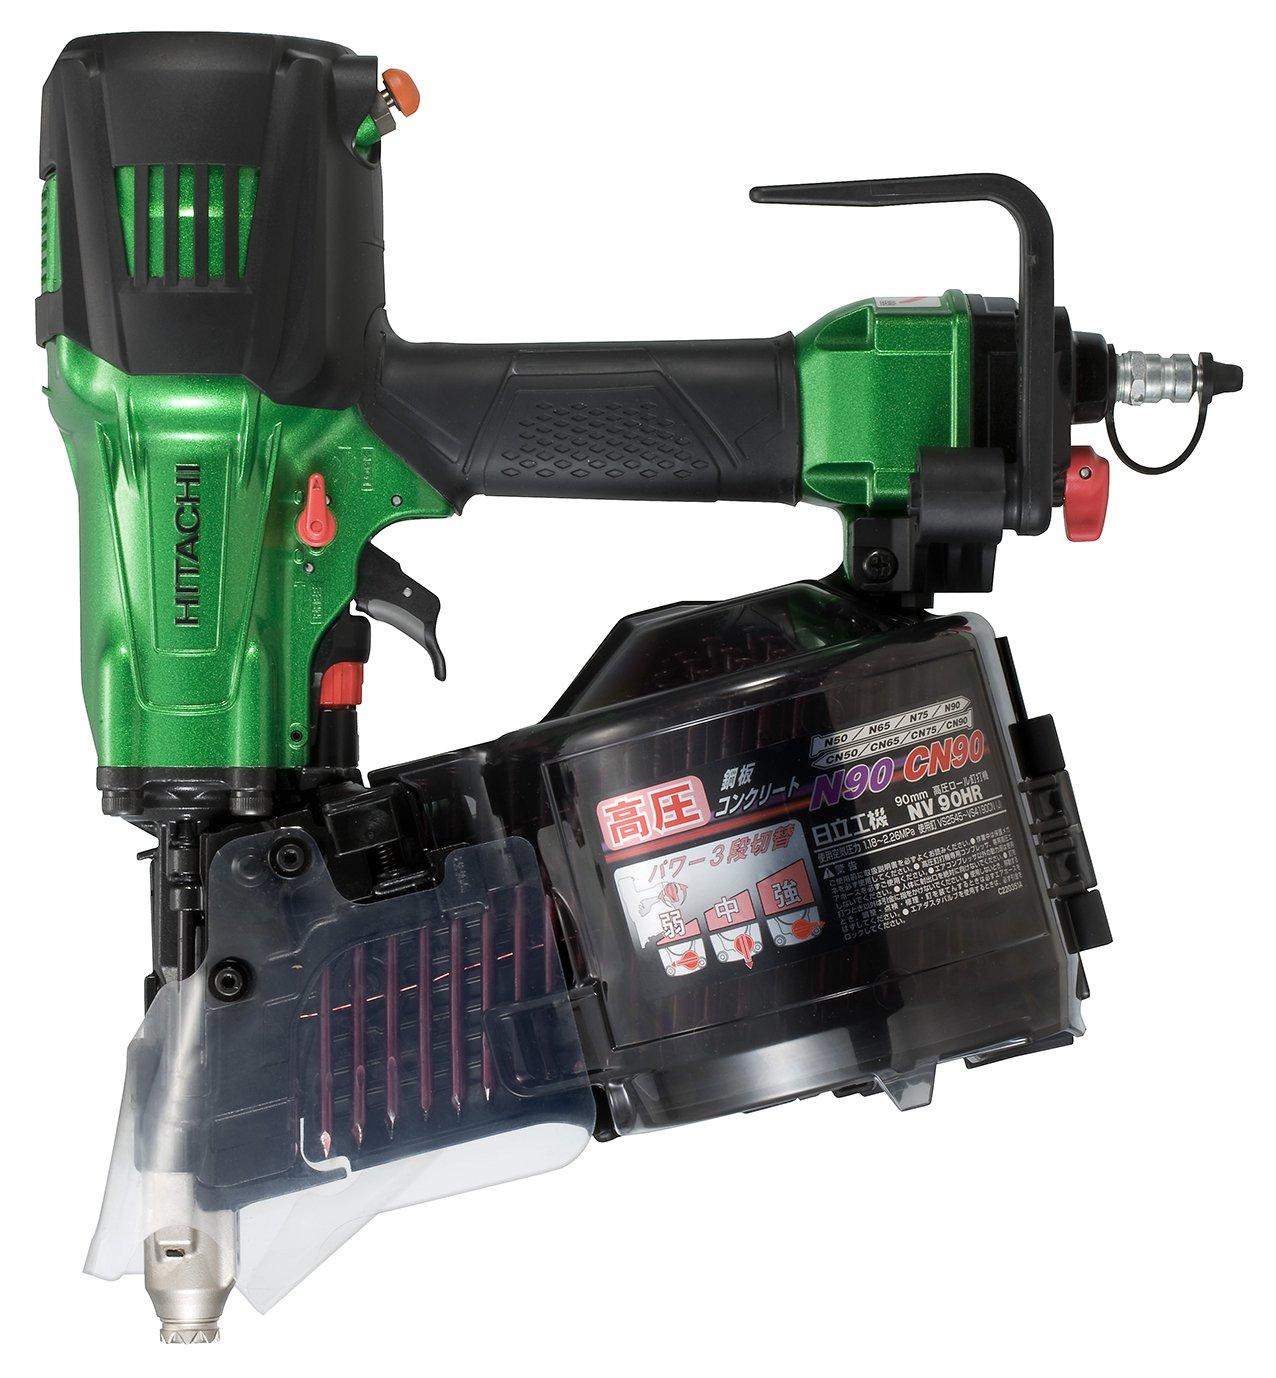 メタリックグリーン 高圧ロール釘打機 /(SL/) 日立工機 ケース付 90mmモデル NV90HR パワー切替機構付